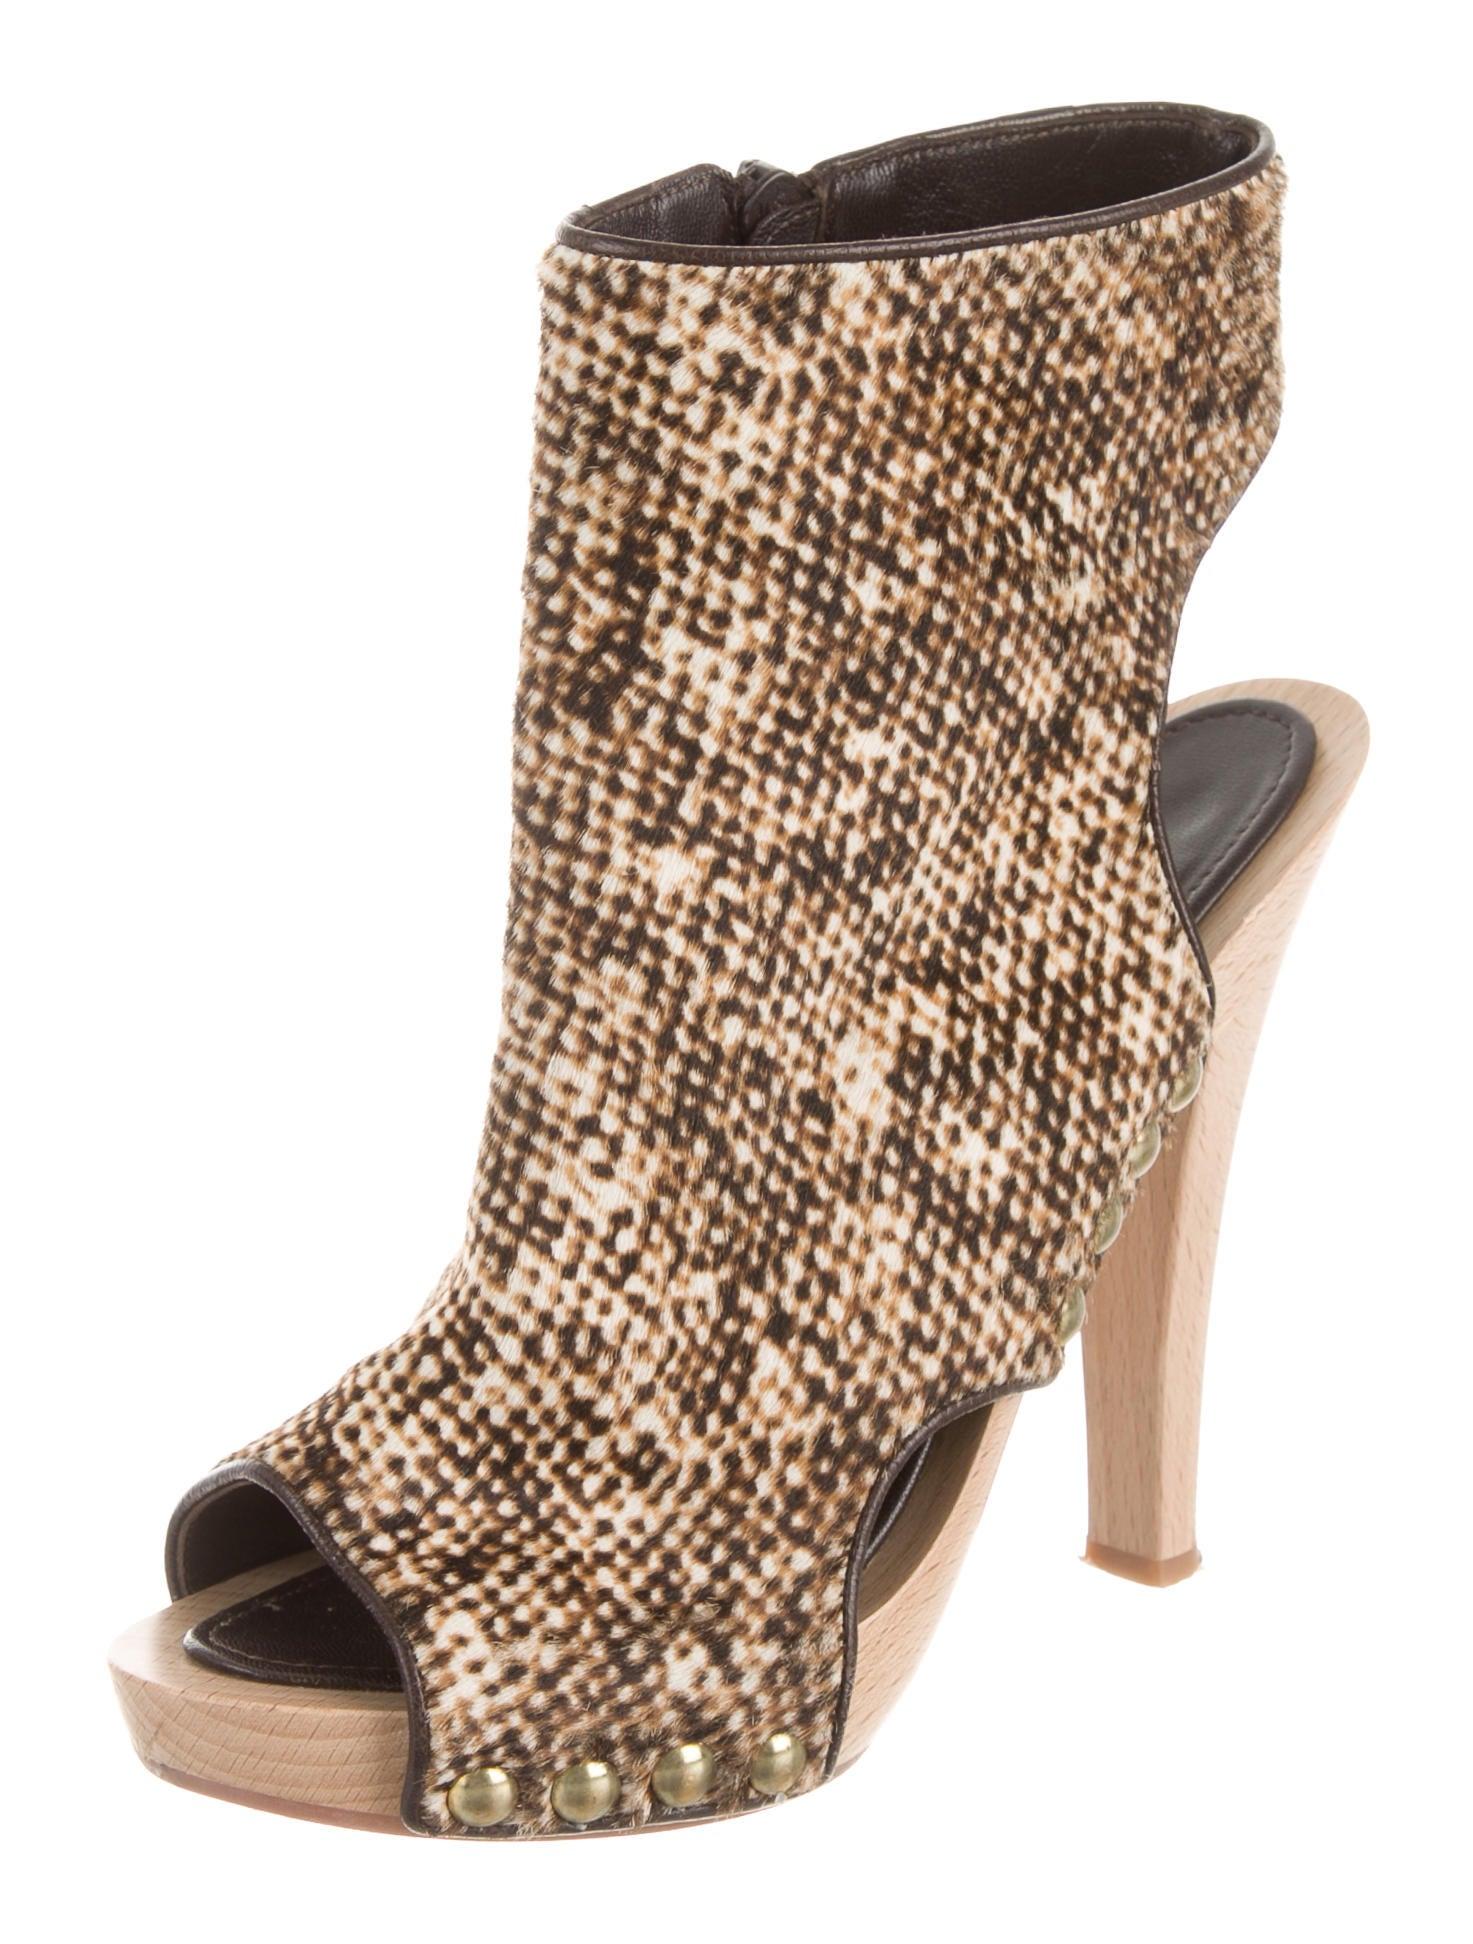 Manolo Blahnik Peep-Toe Ankle Boots - Shoes - MOO41731 ...